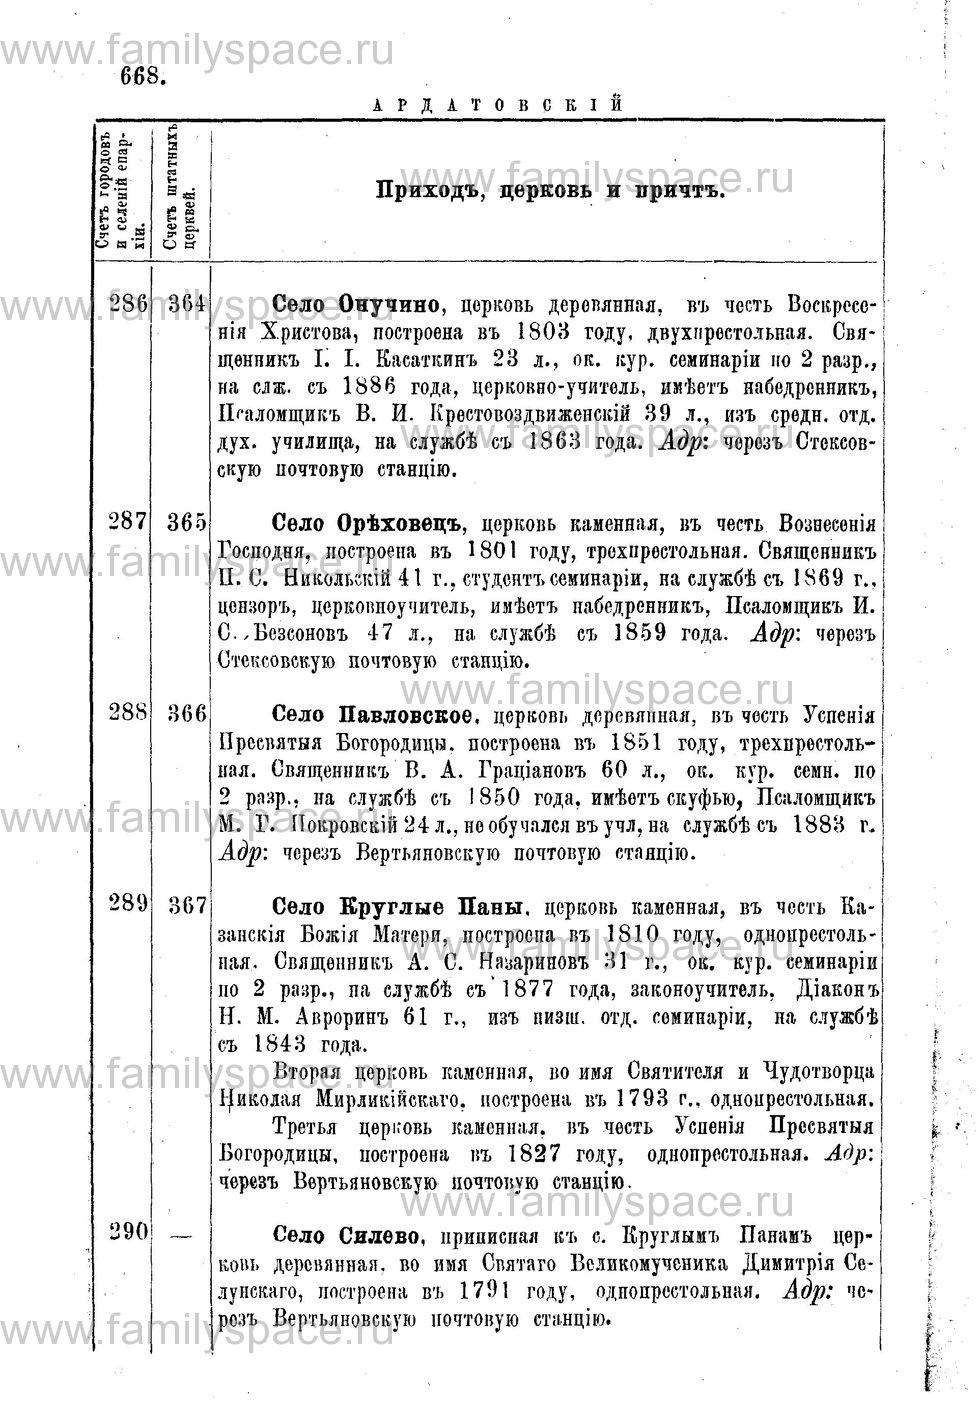 Поиск по фамилии - Адрес-календарь Нижегородской епархии на 1888 год, страница 1668